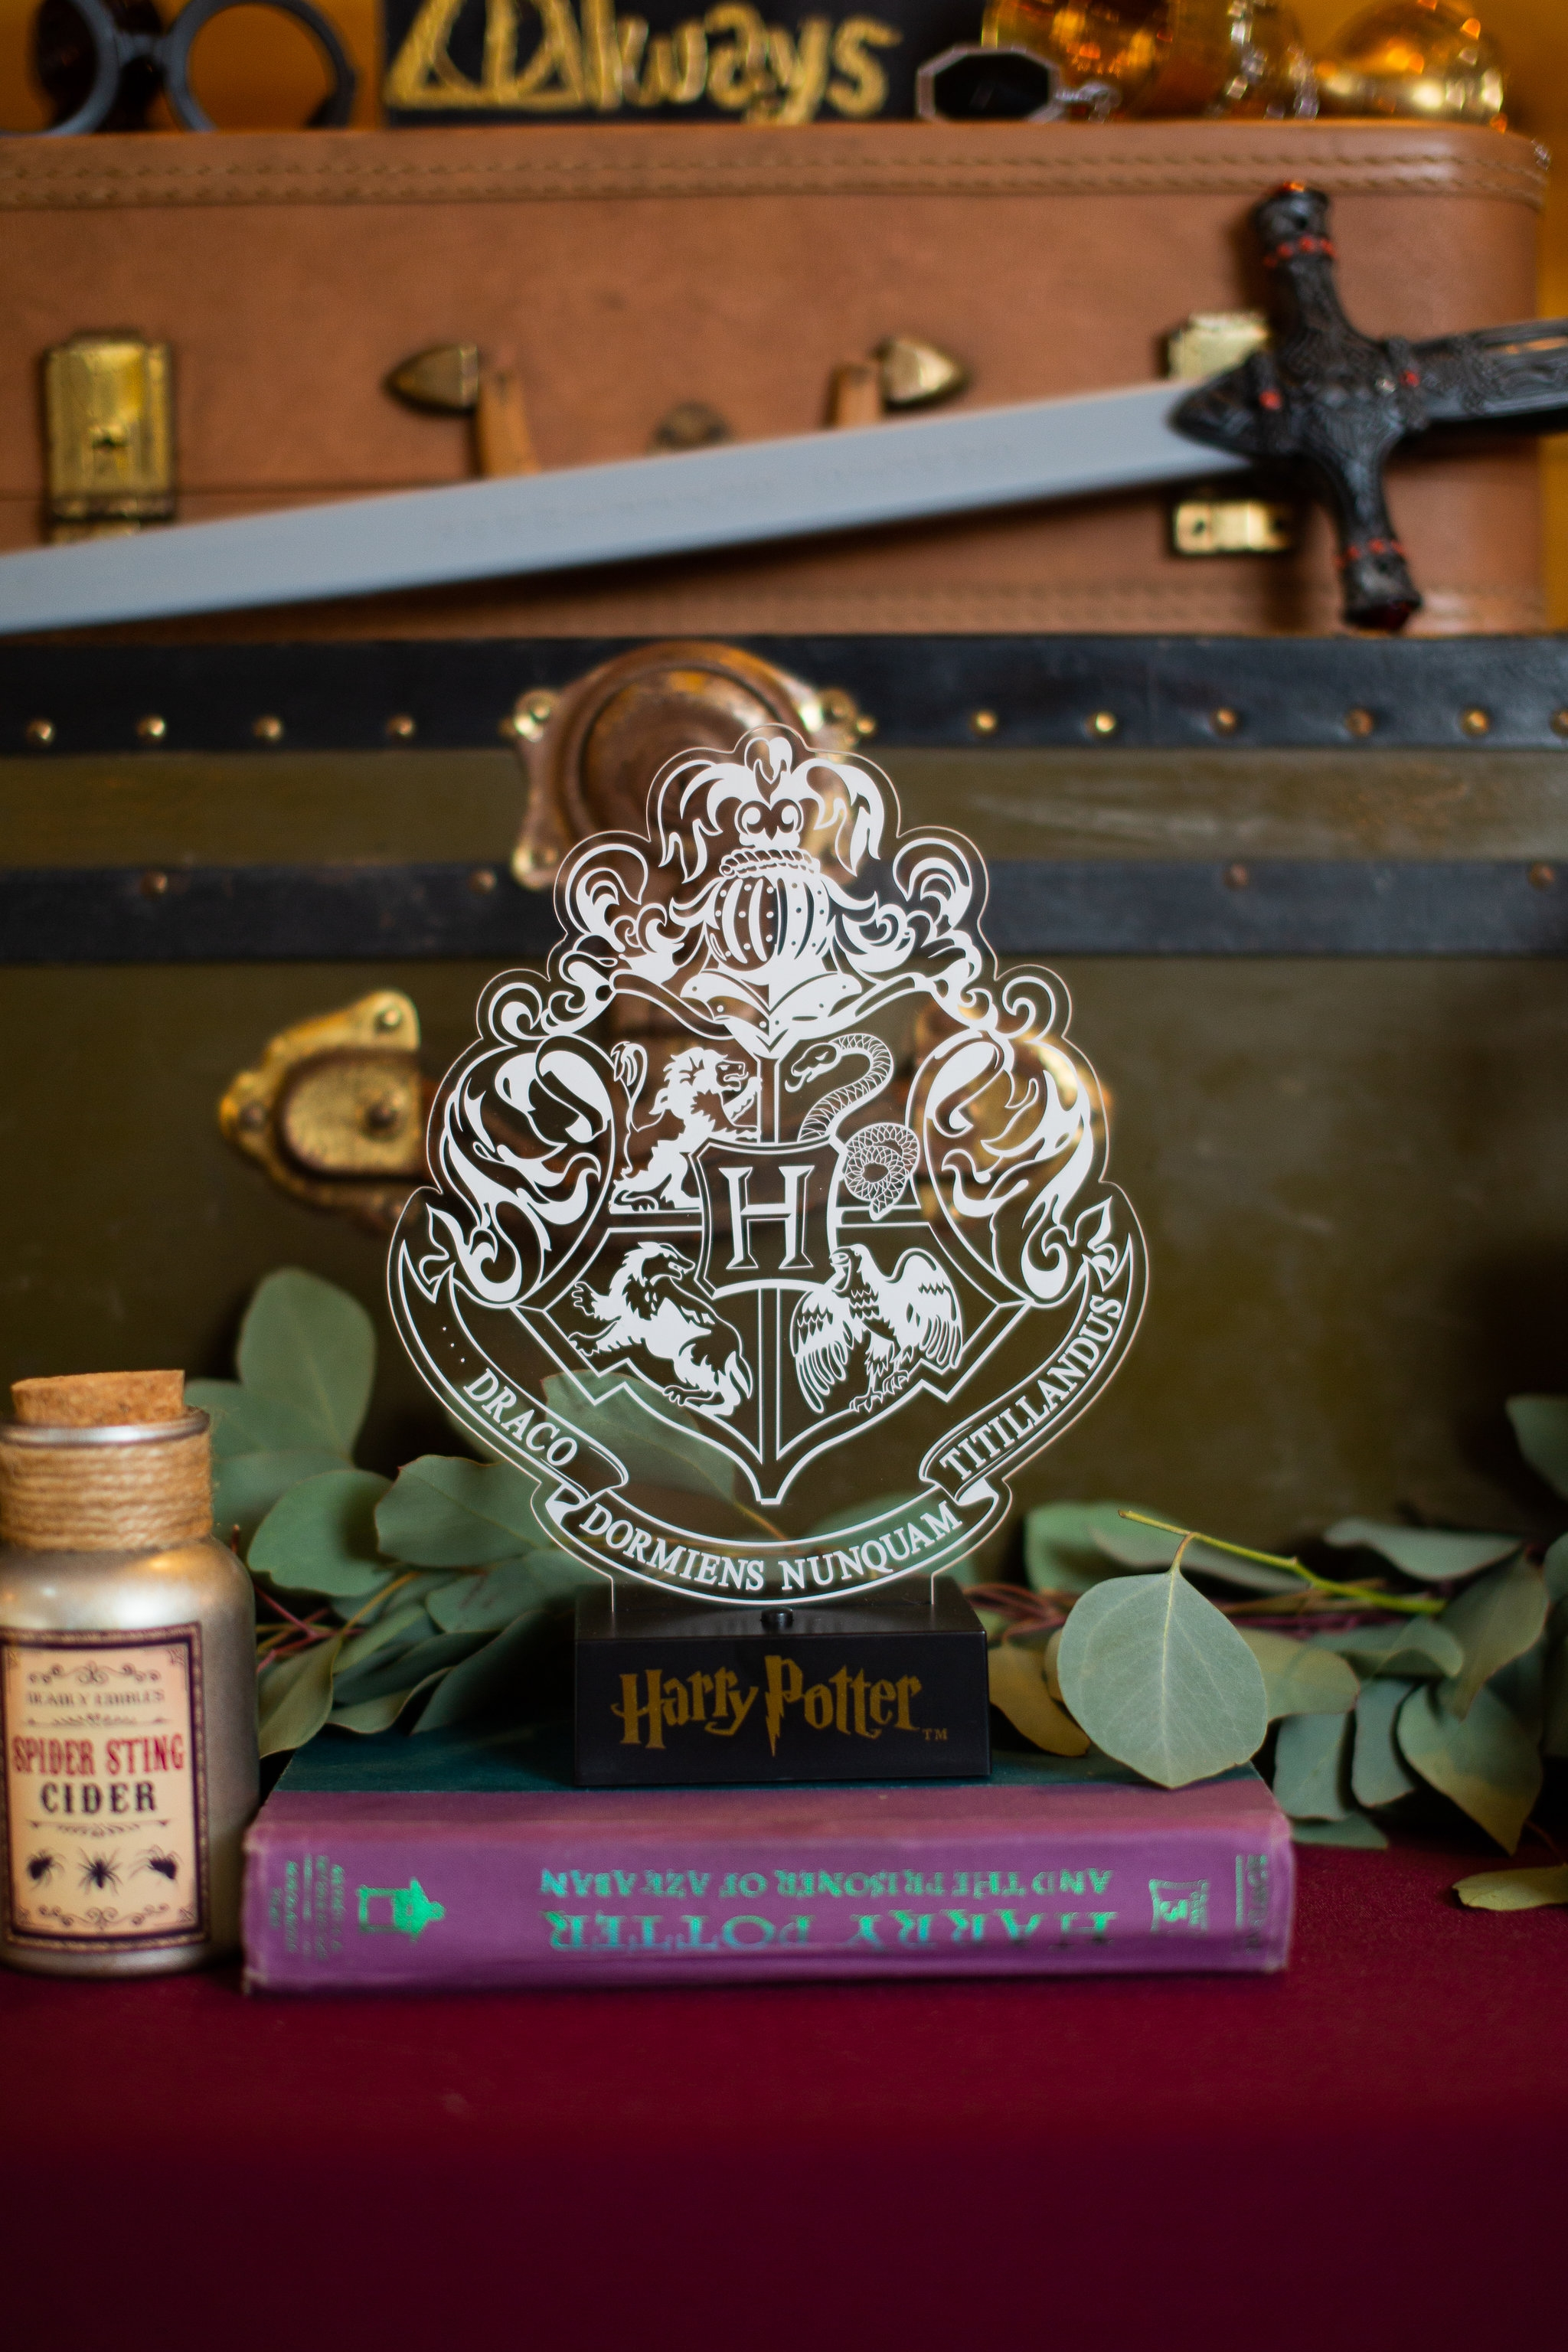 Light Up Hogwarts Crest